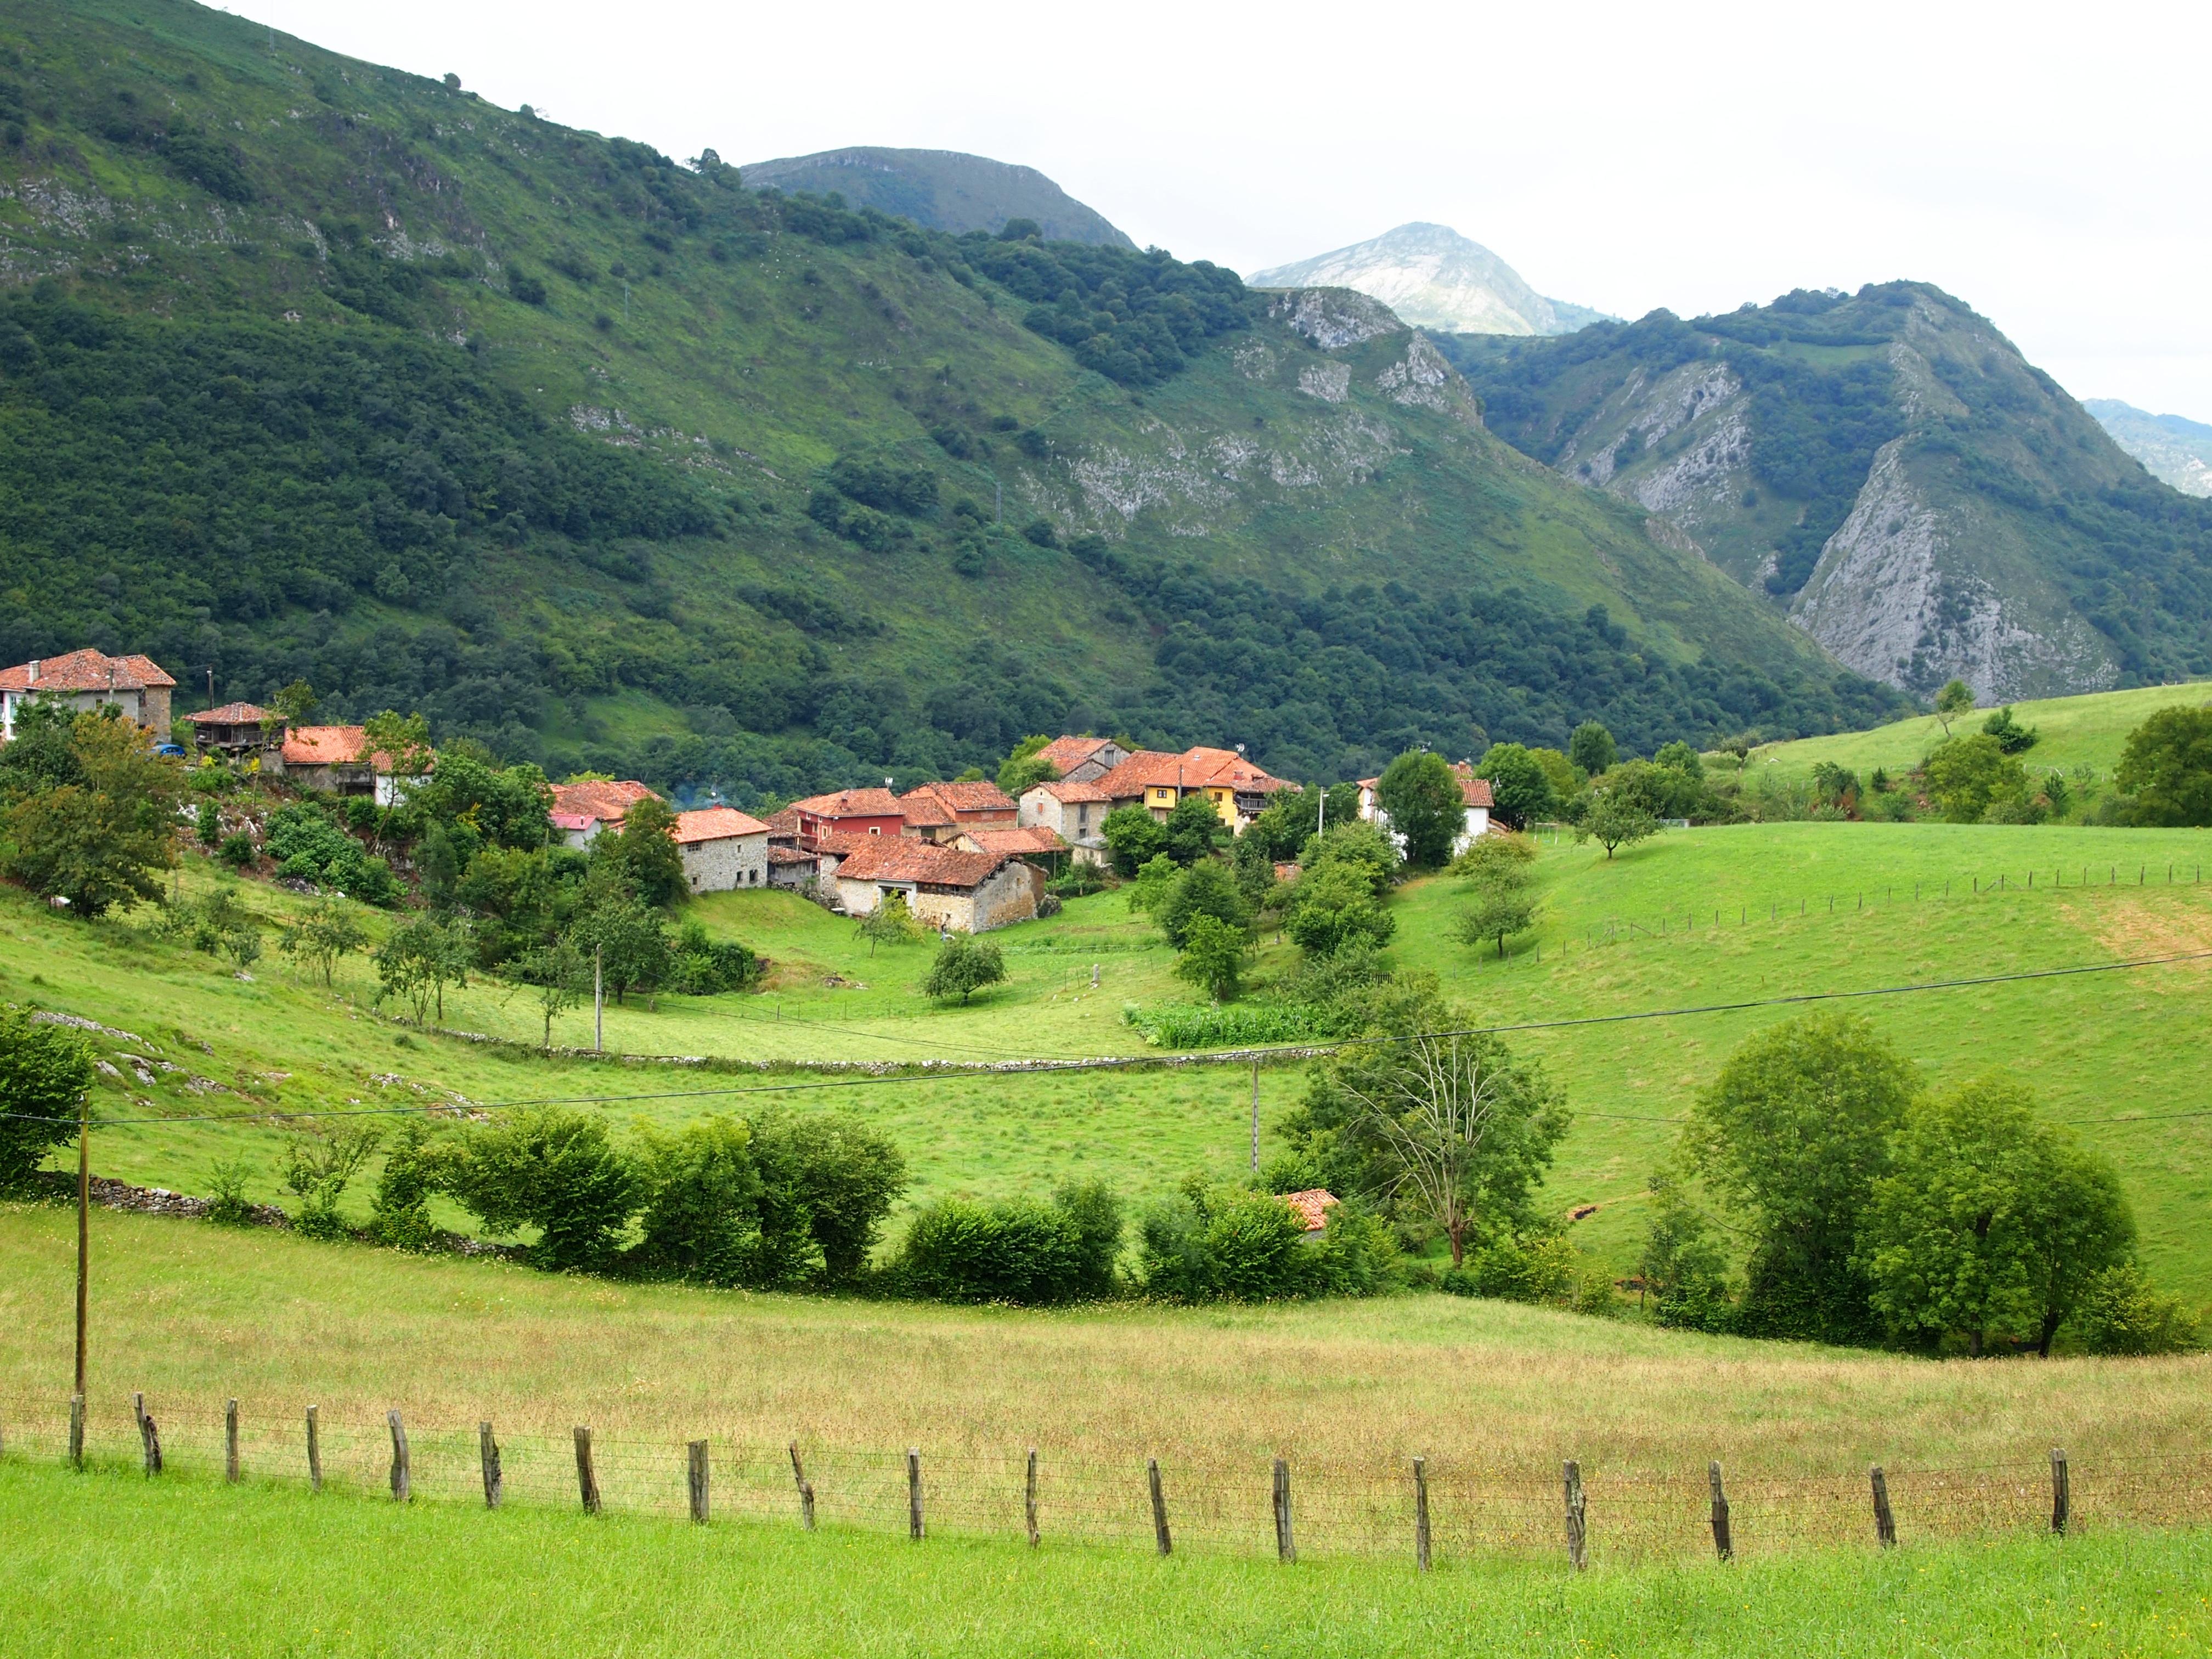 Gambar Pemandangan Gunung Bidang Padang Rumput Lembah